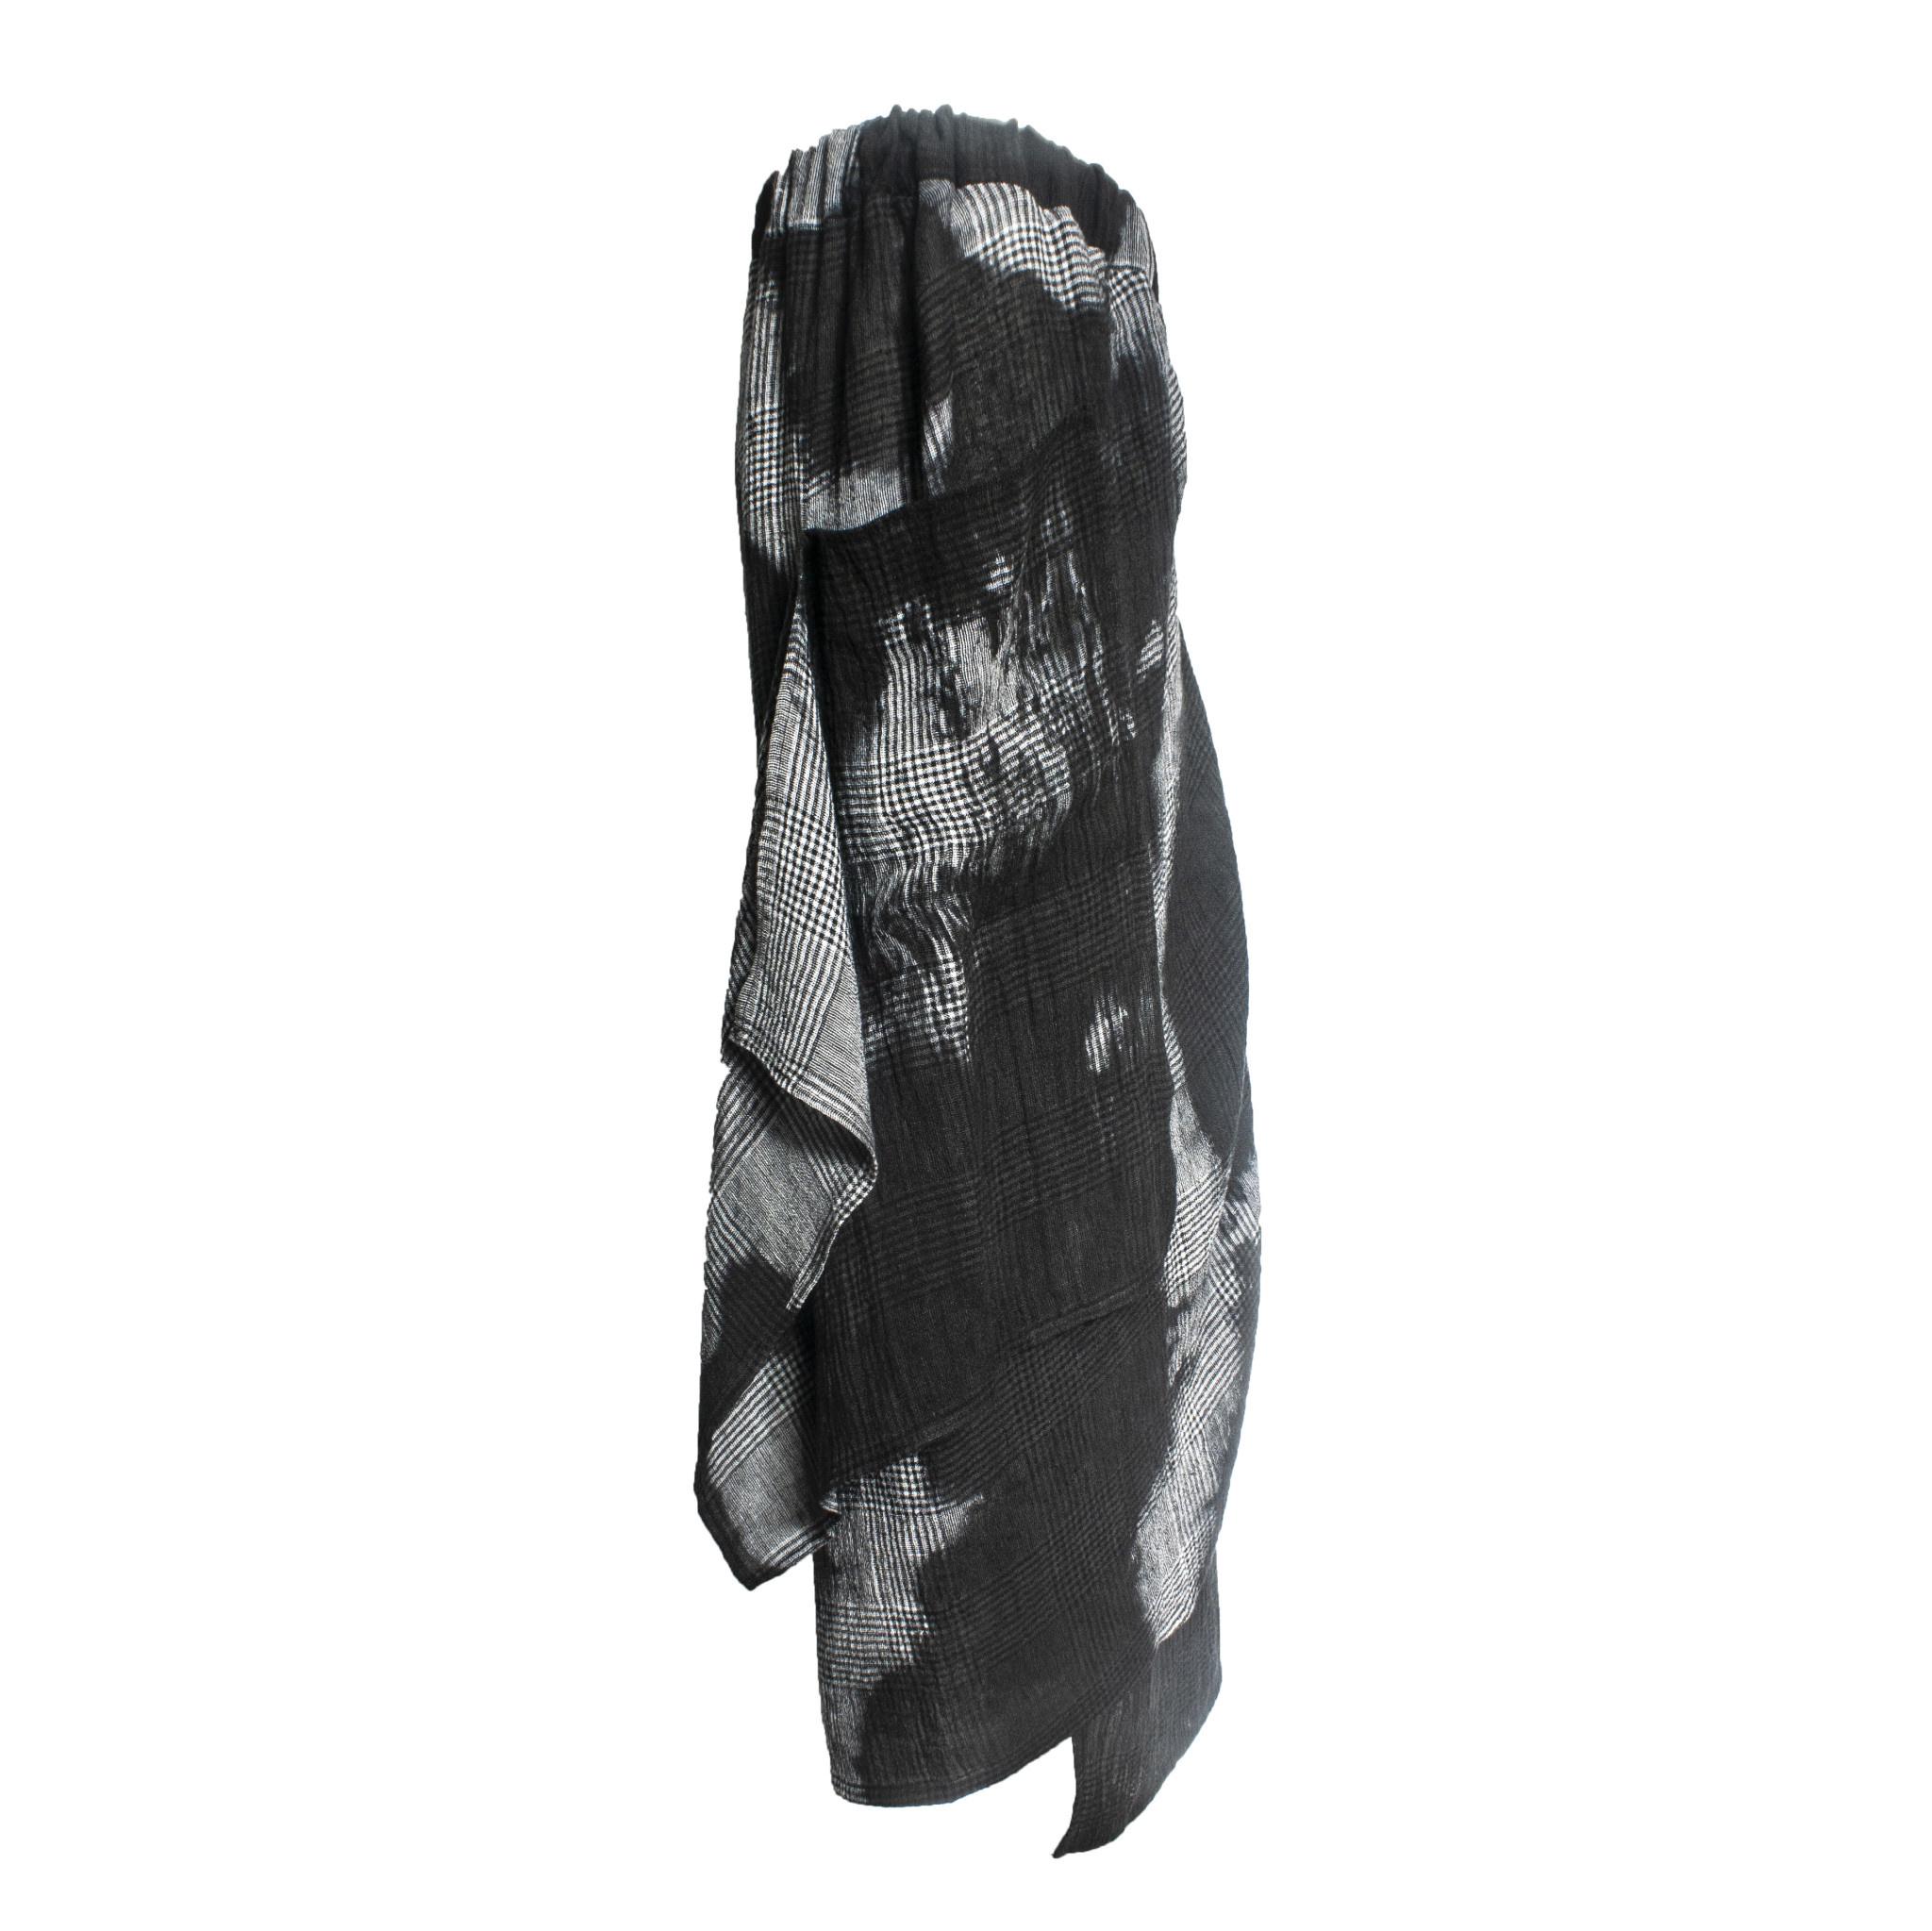 Kedziorek Kedziorek Plaid Dye Drape Skirt - Grey/Black